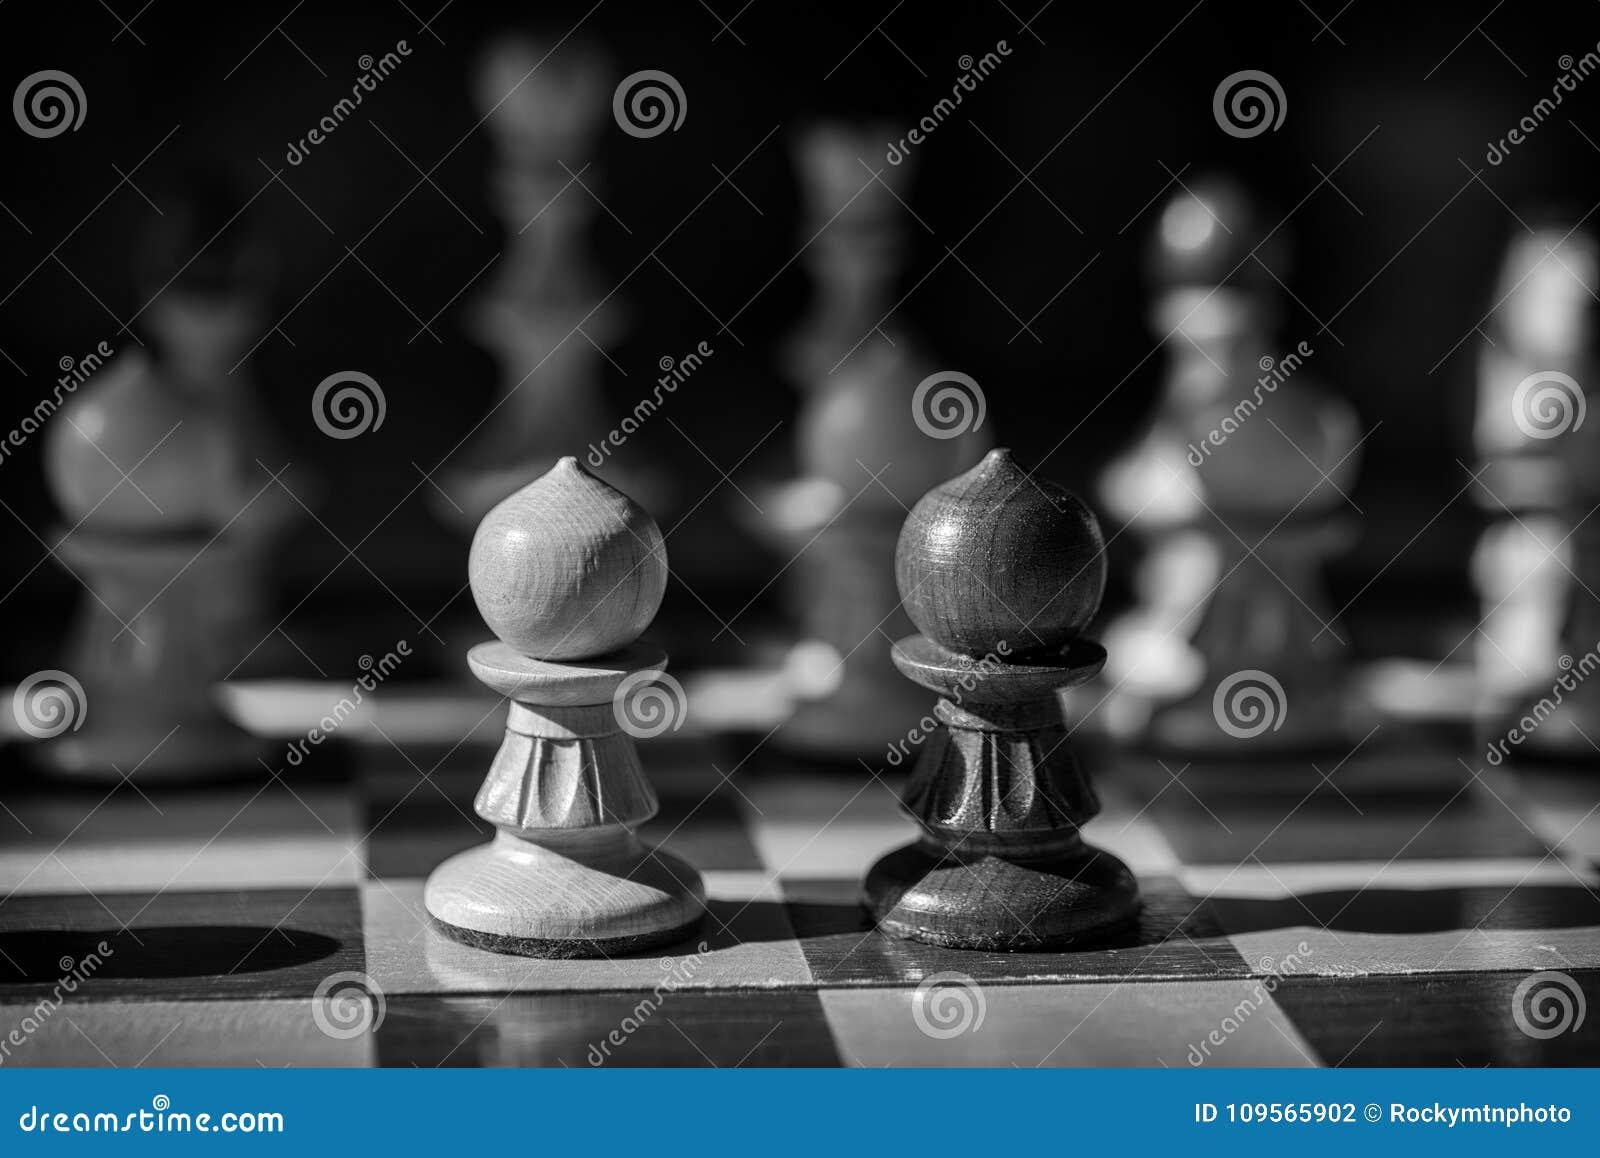 Schwarzweiss-Schachpfand stellen weg gegenüber